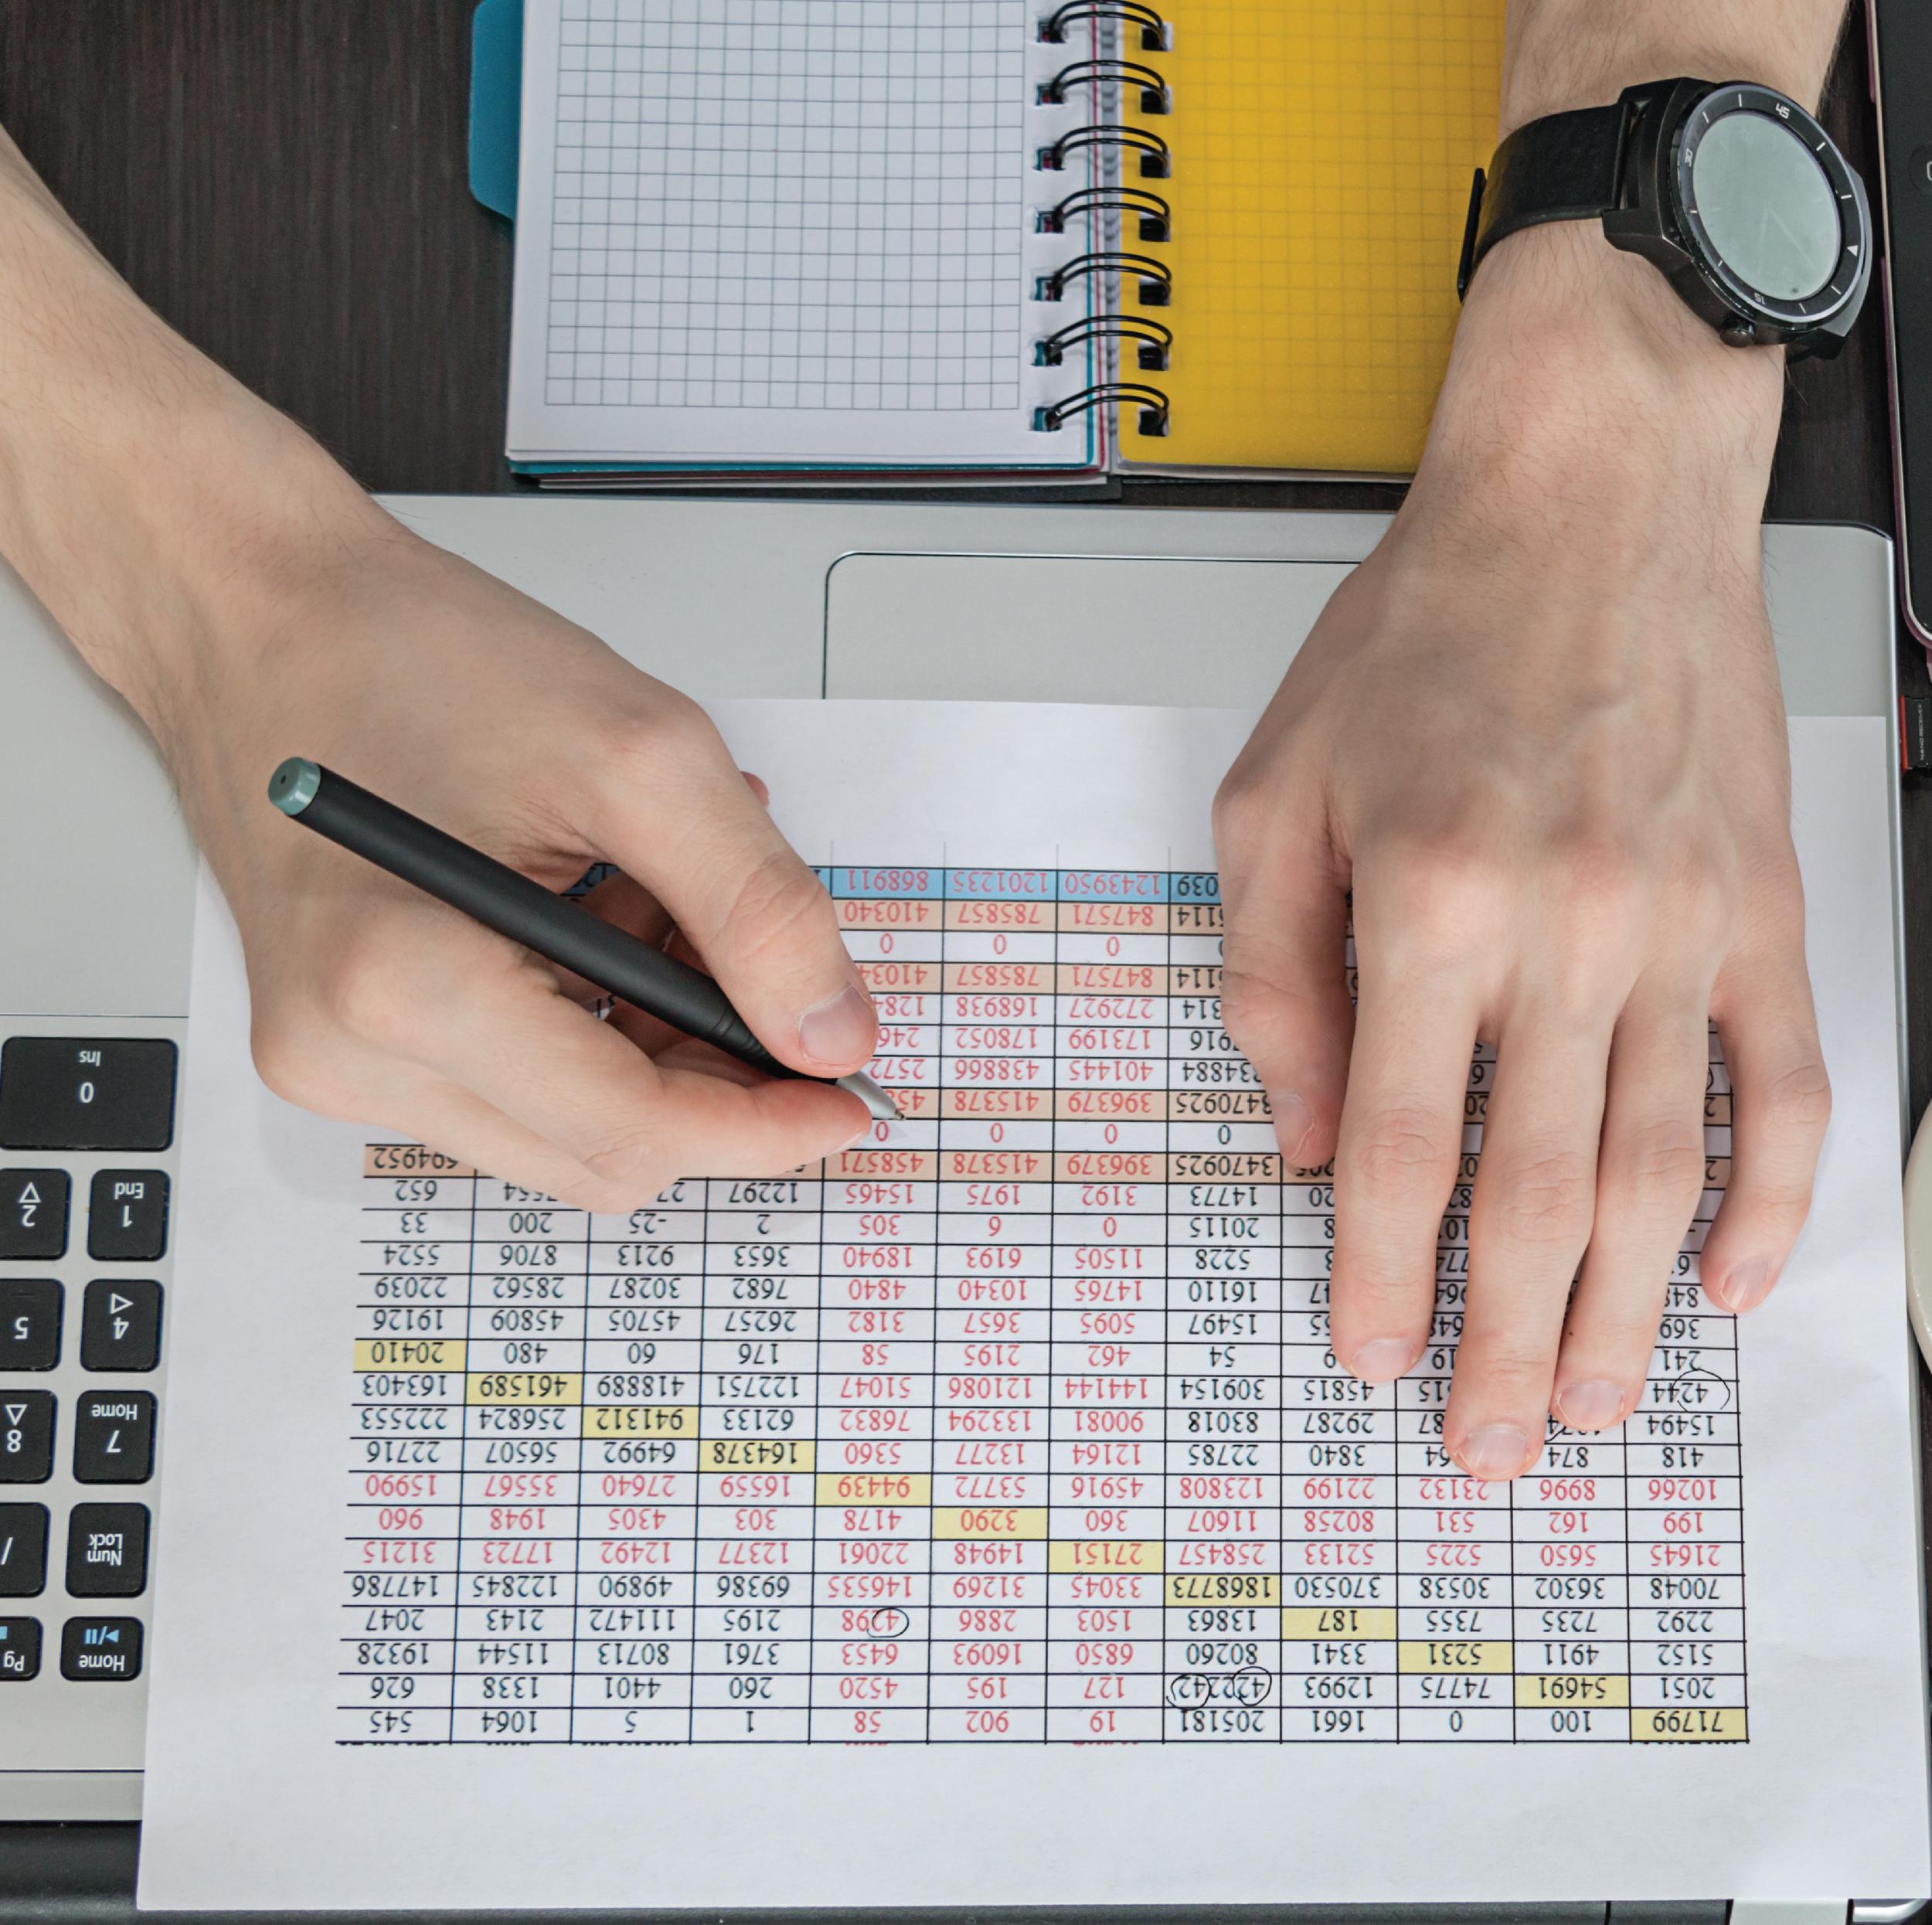 Empresas - Obtén beneficios fiscales pagando el transporte de tus empleados y limita sus retrasos.